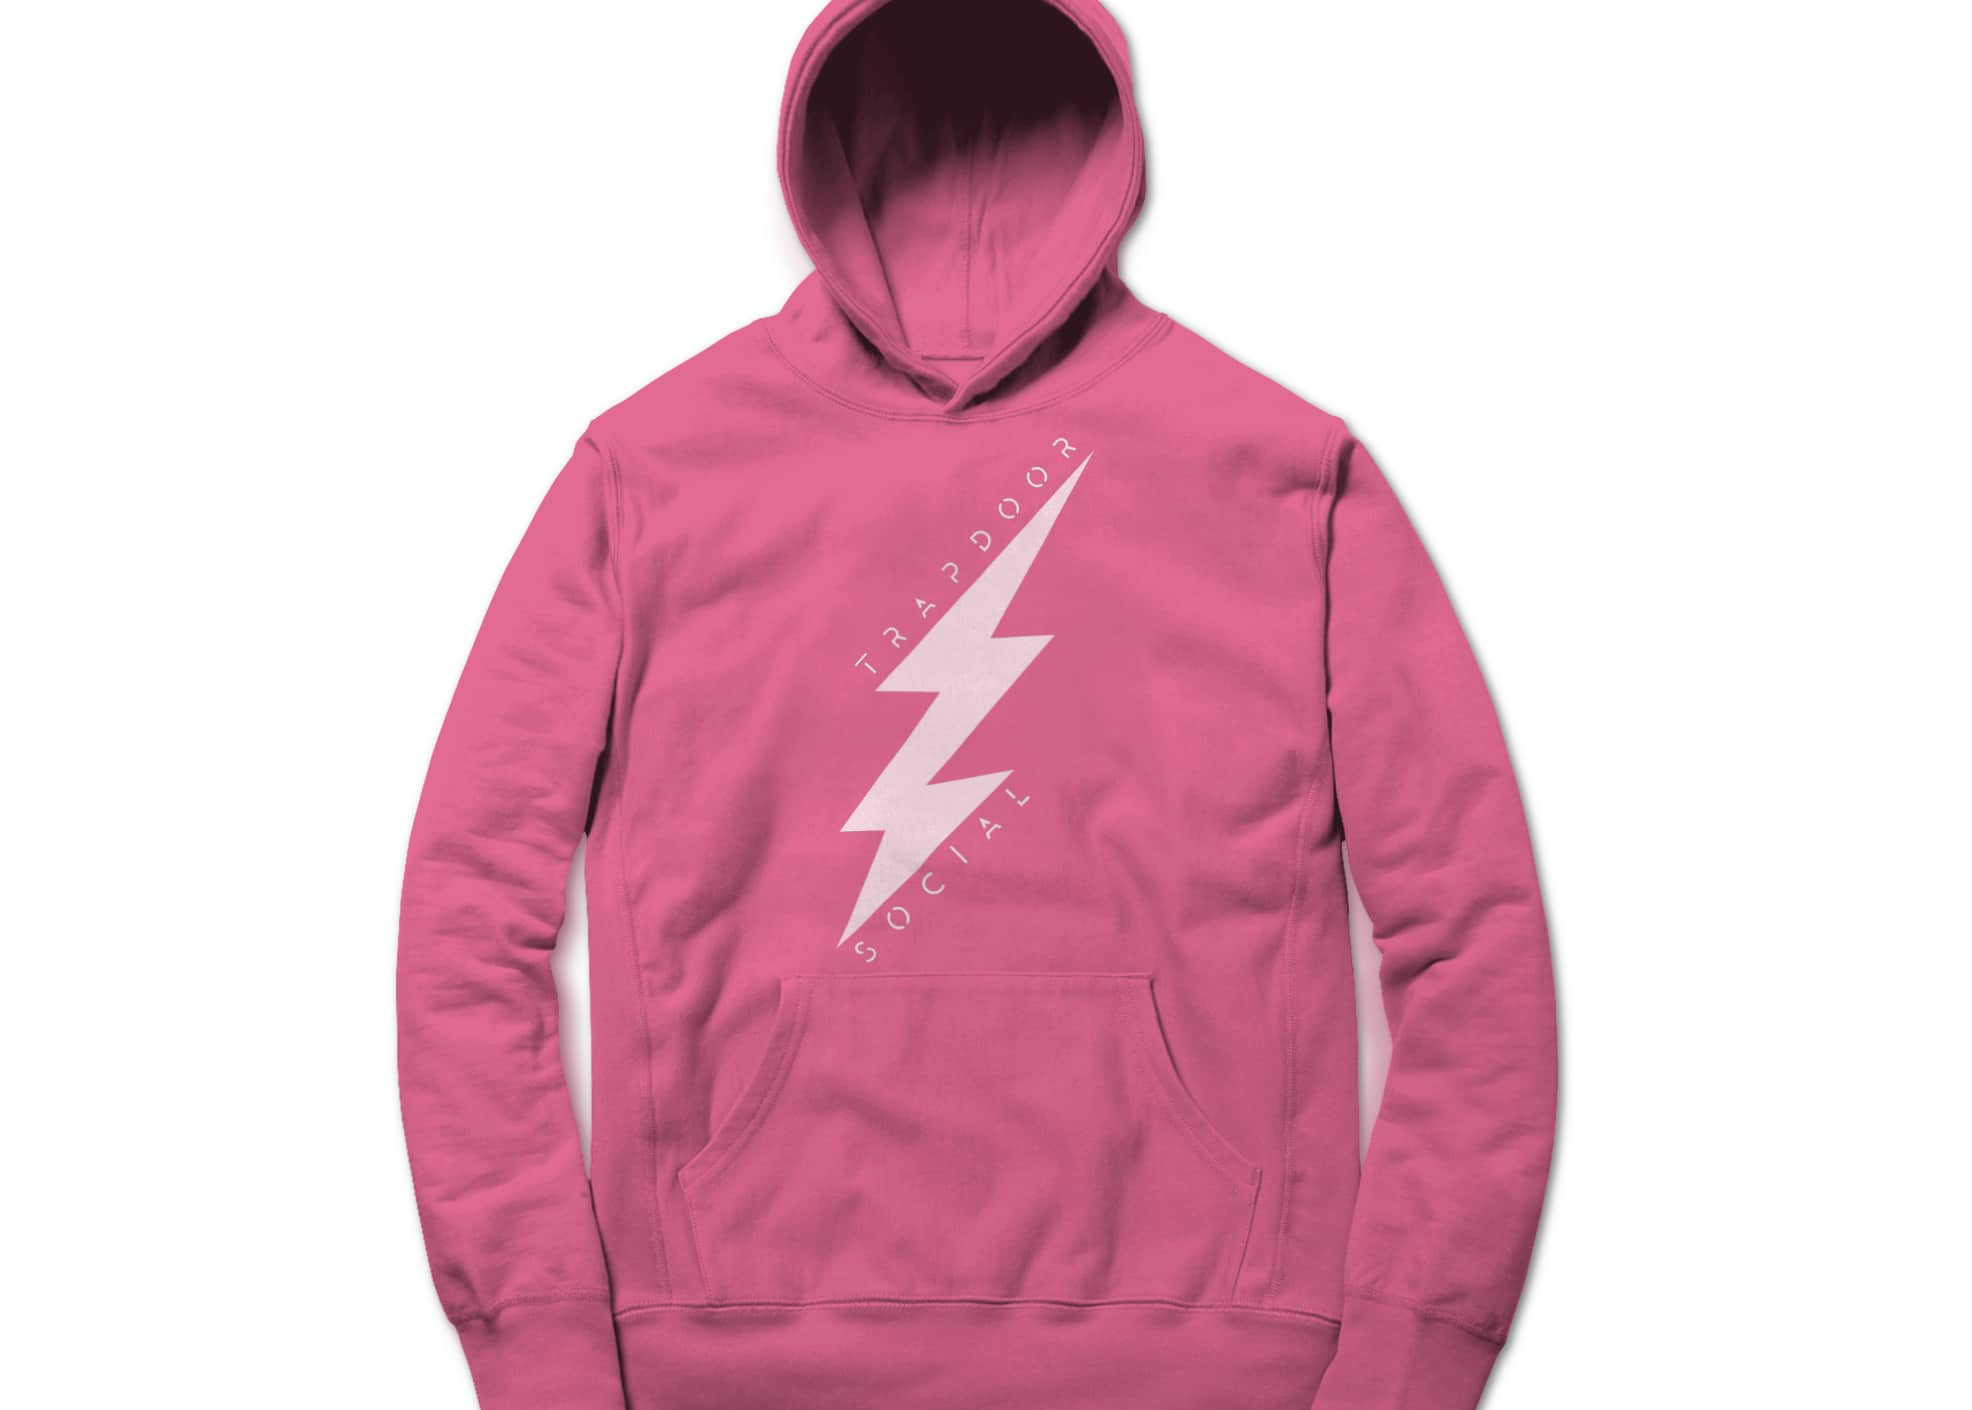 Trapdoor social lightning bolt 1476752441